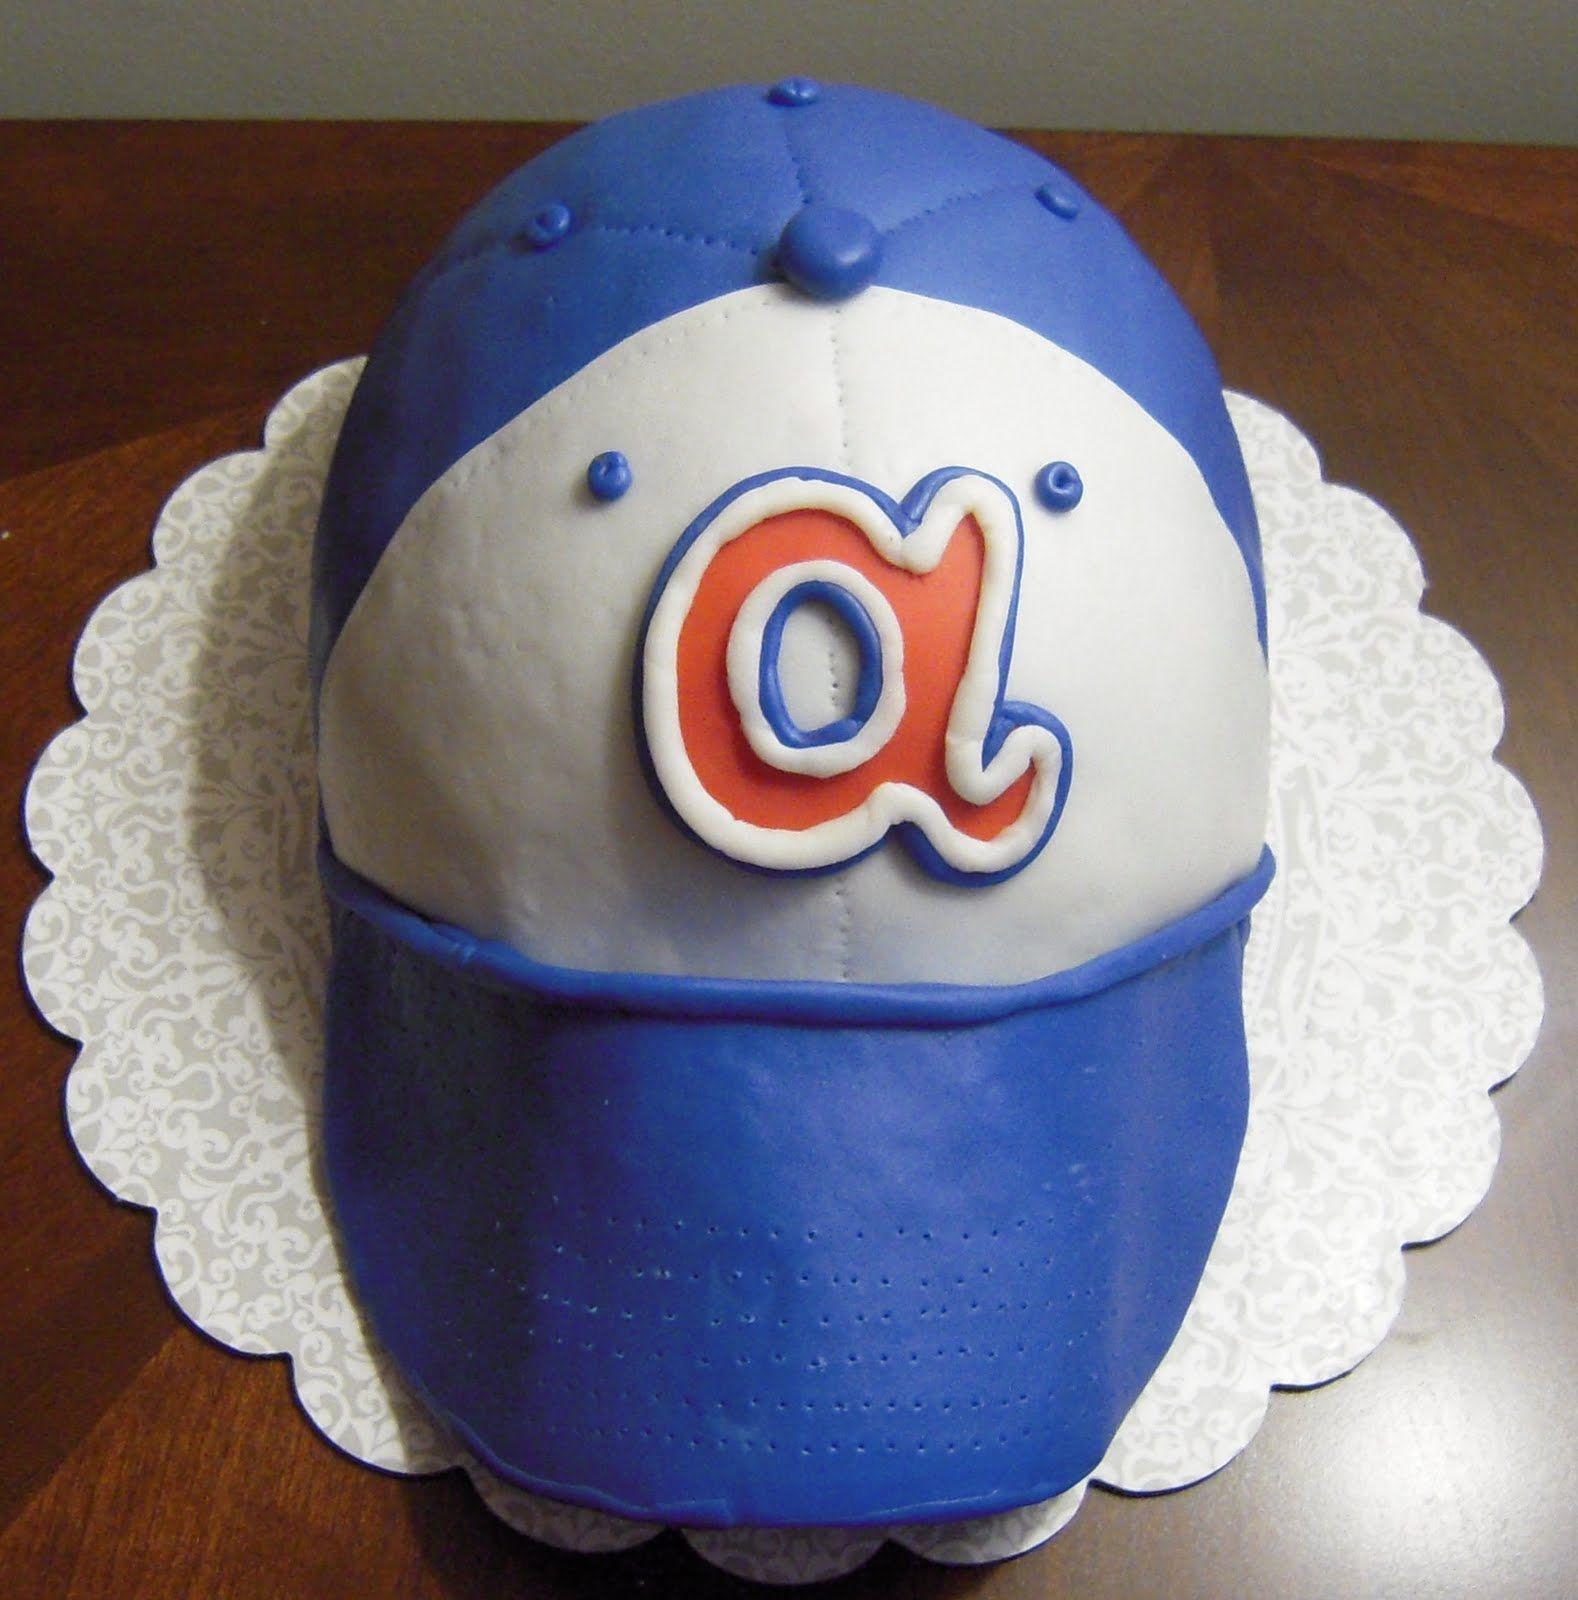 Braves hat cake  eedfe57571e7